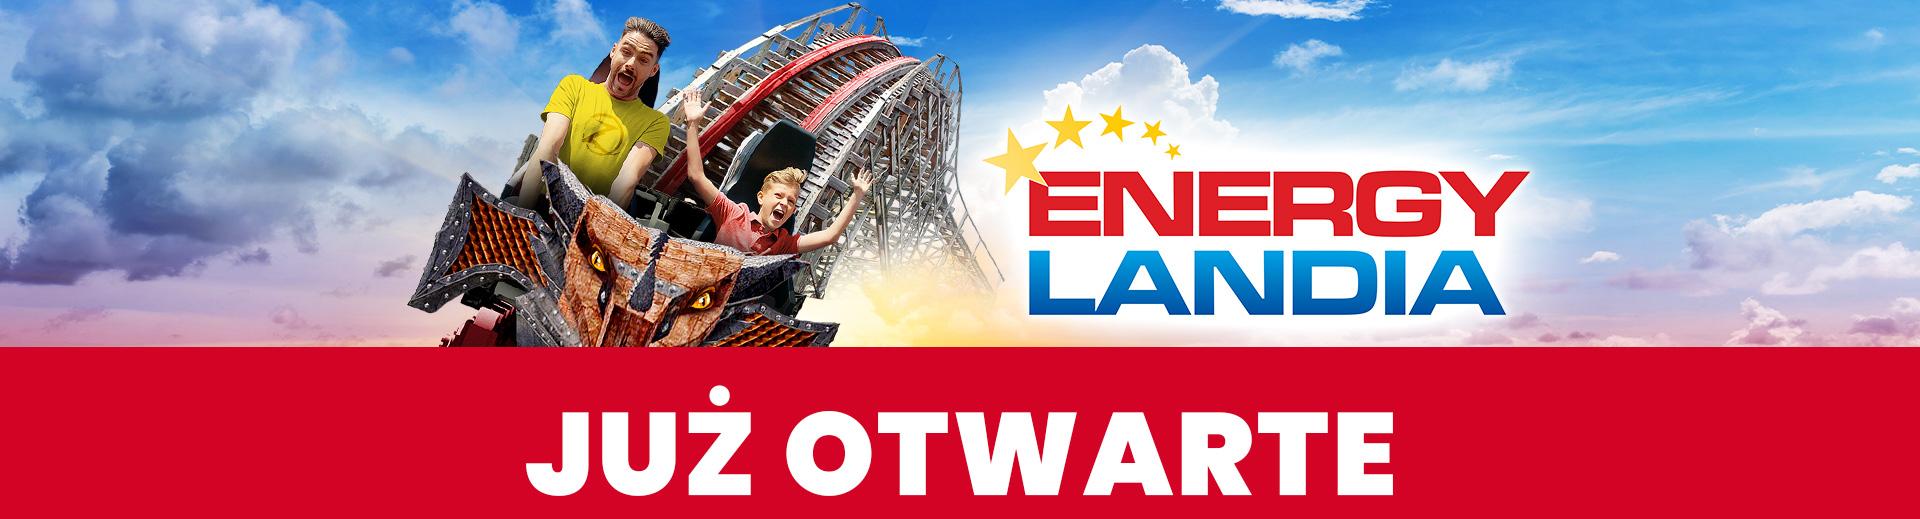 Dzień dziecka w Energylandi trwa cały rok - Bilety od 1 zł